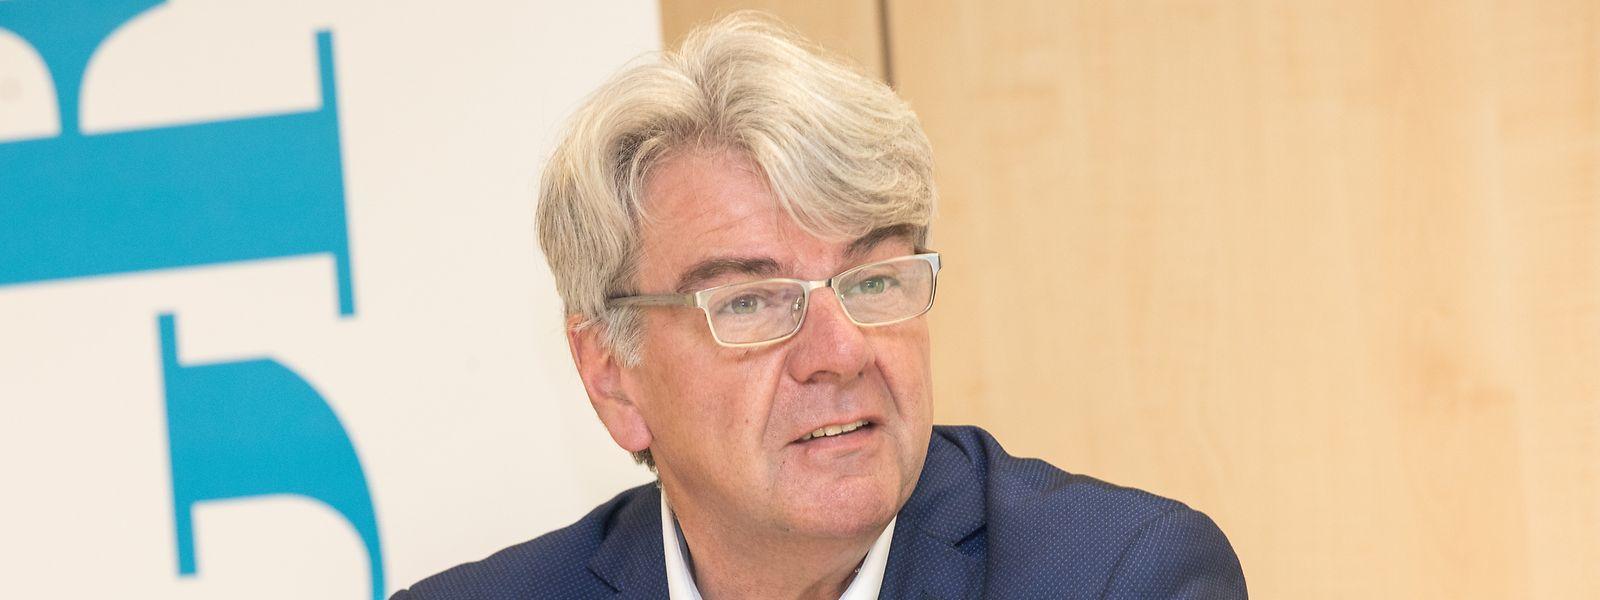 Pour la CGFP présidée par Romain Wolff, la politique du gouvernement «risque de provoquer des troubles en pleine pandémie dans la fonction publique».